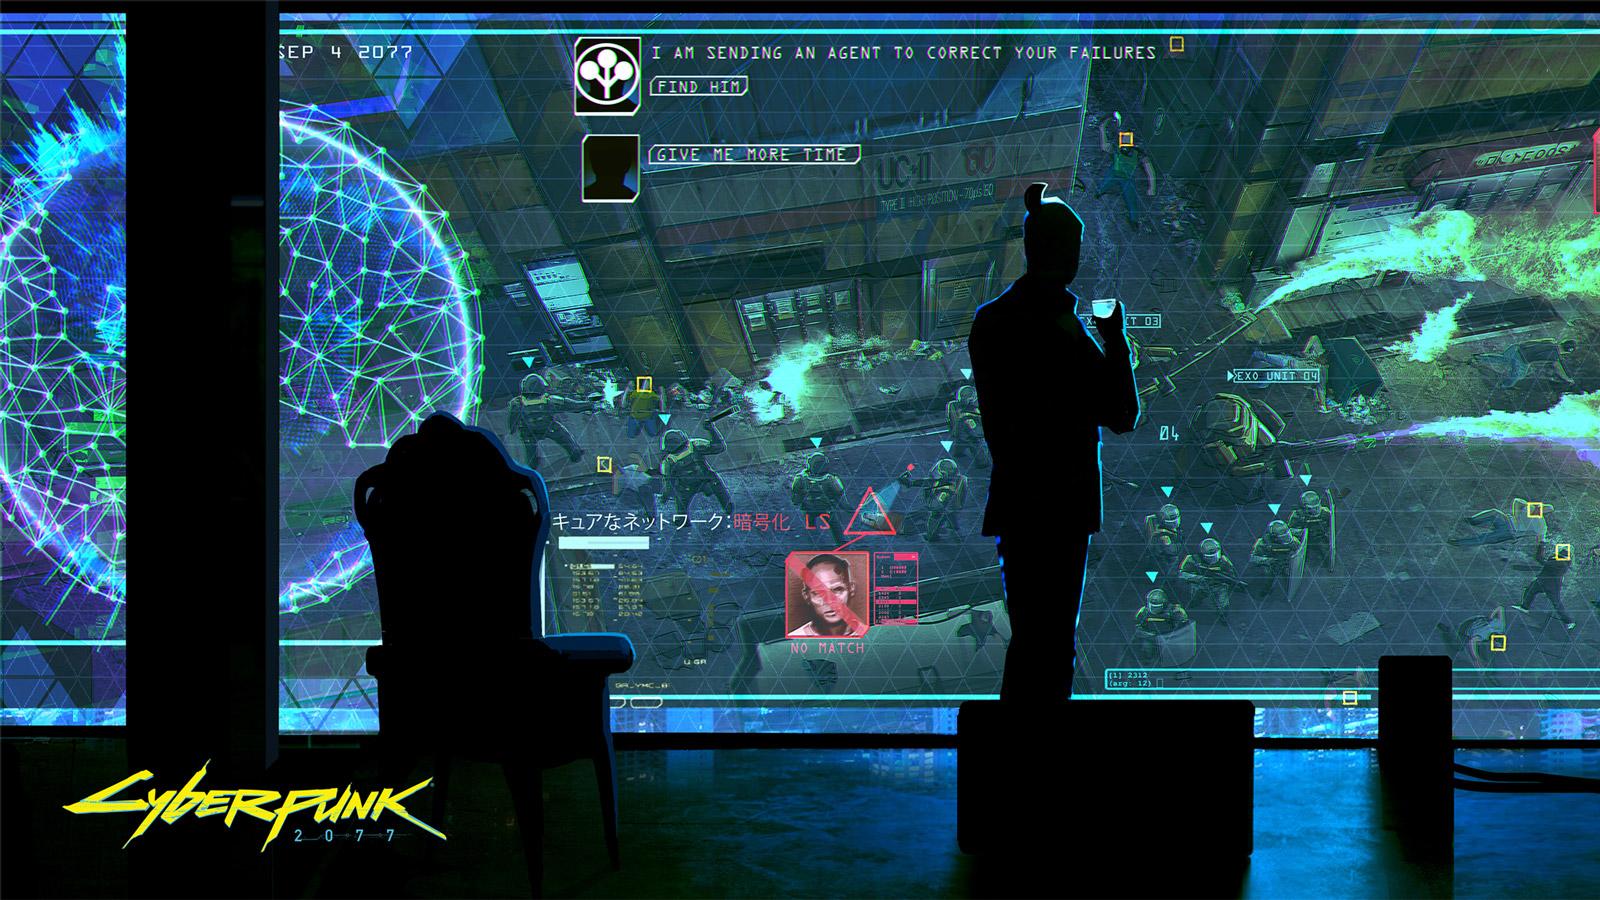 Cyberpunk 2077 Wallpaper in 1600x900